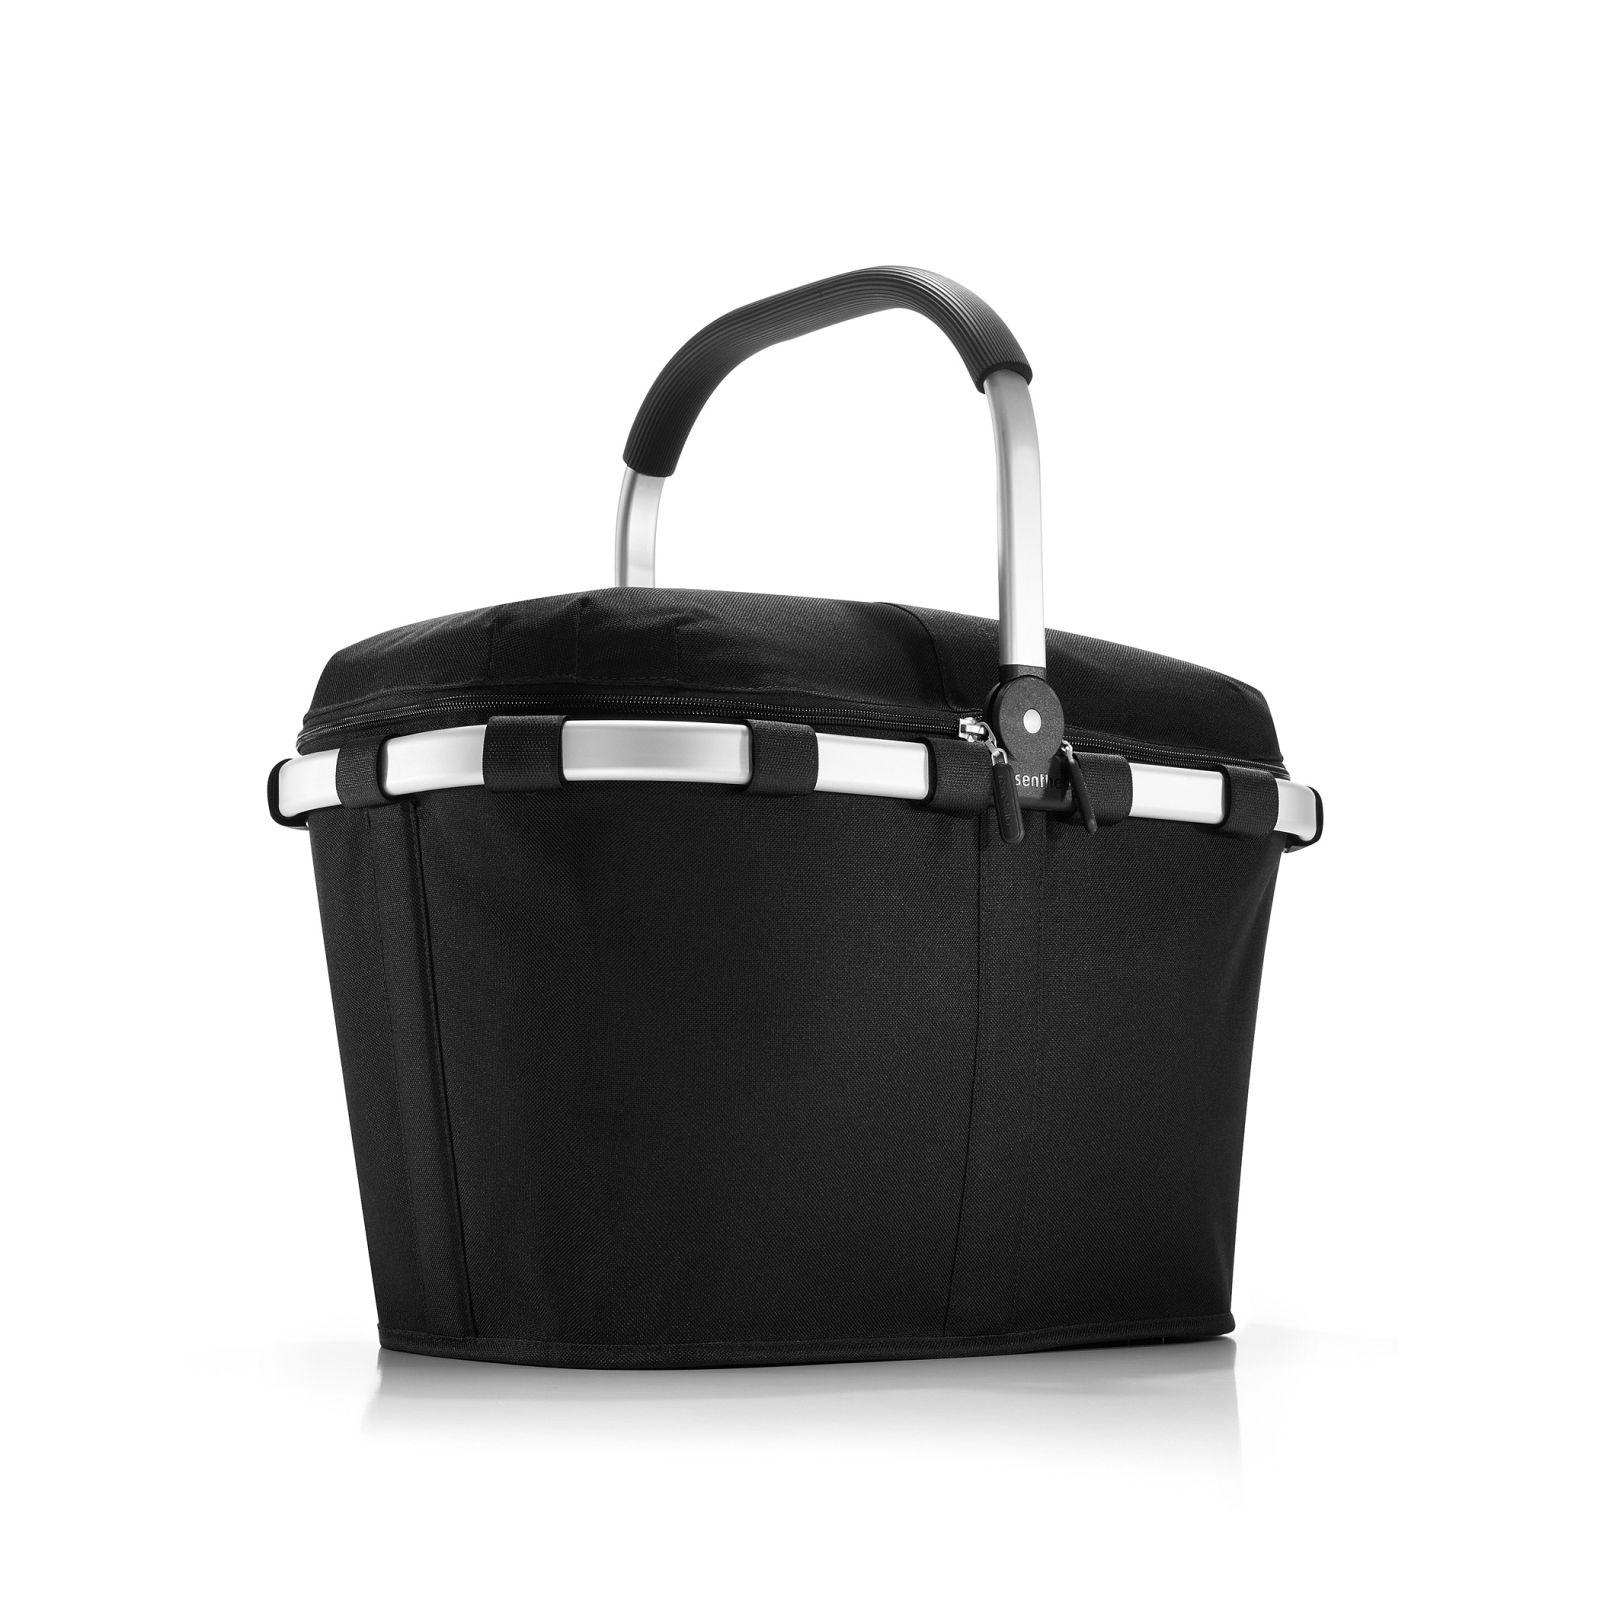 Reisenthel CarryBag Iso Black E-batoh